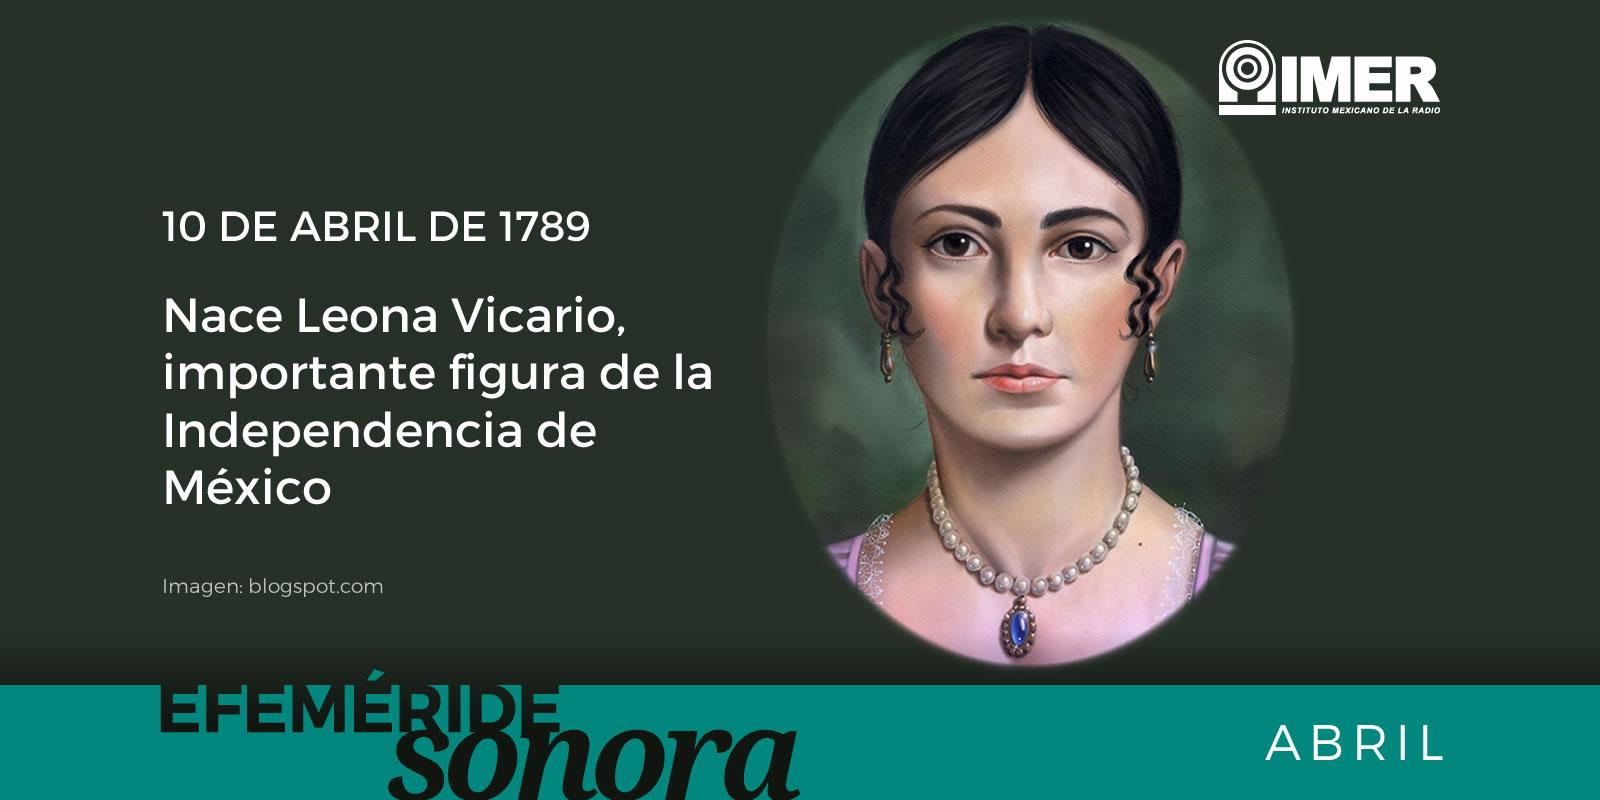 10 De Abril De 1789 Nace Leona Vicario Imer